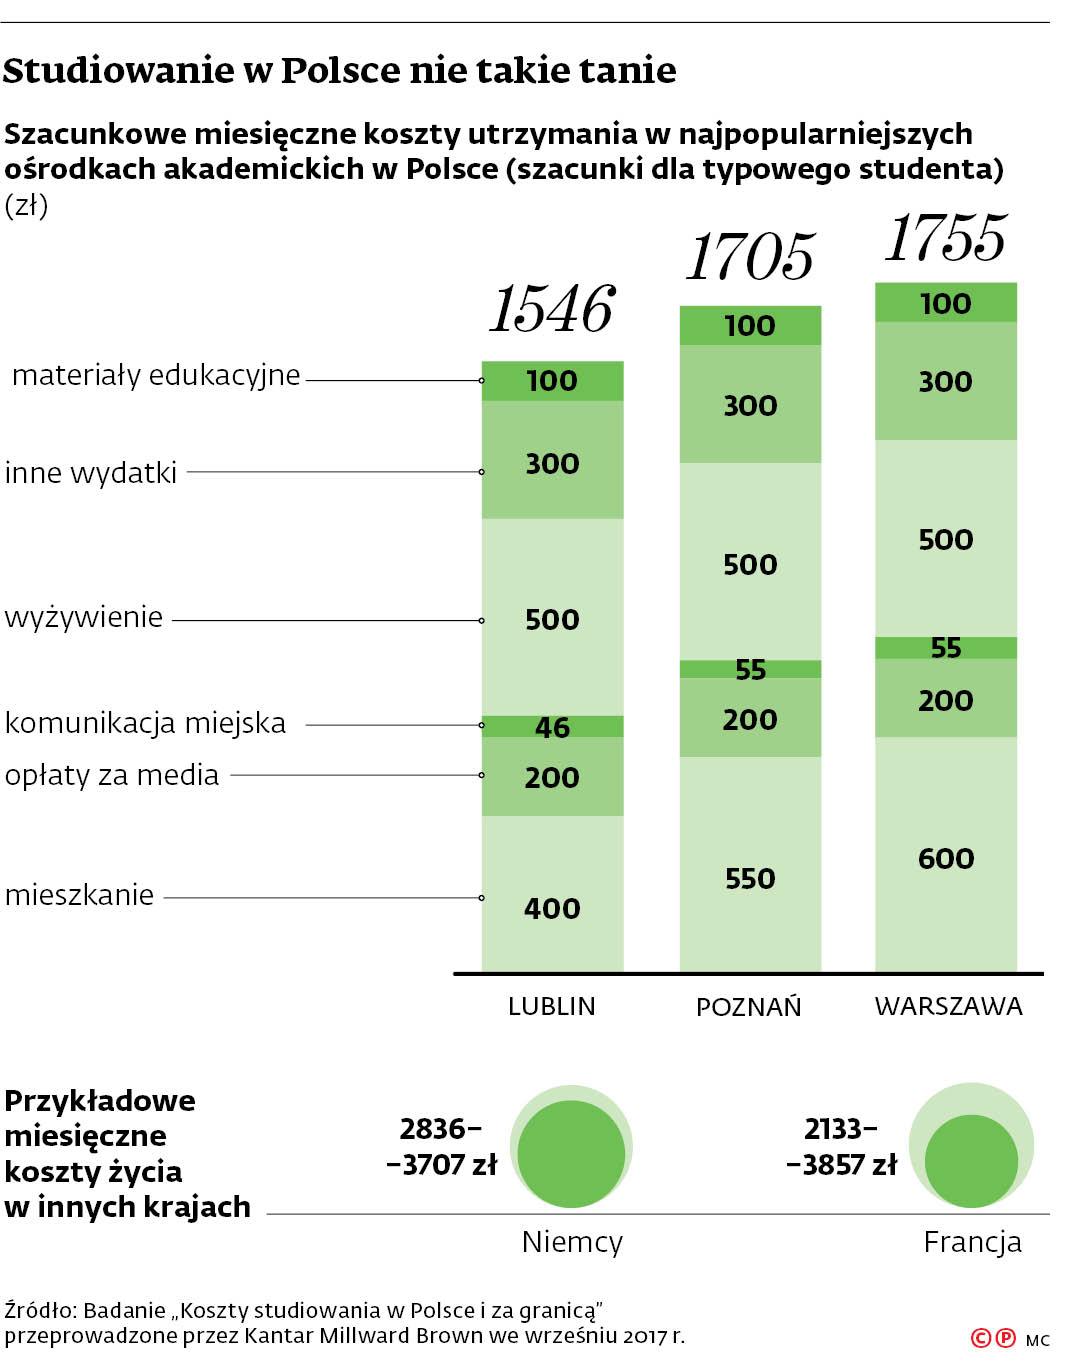 Studiowanie w Polsce nie takie tanie